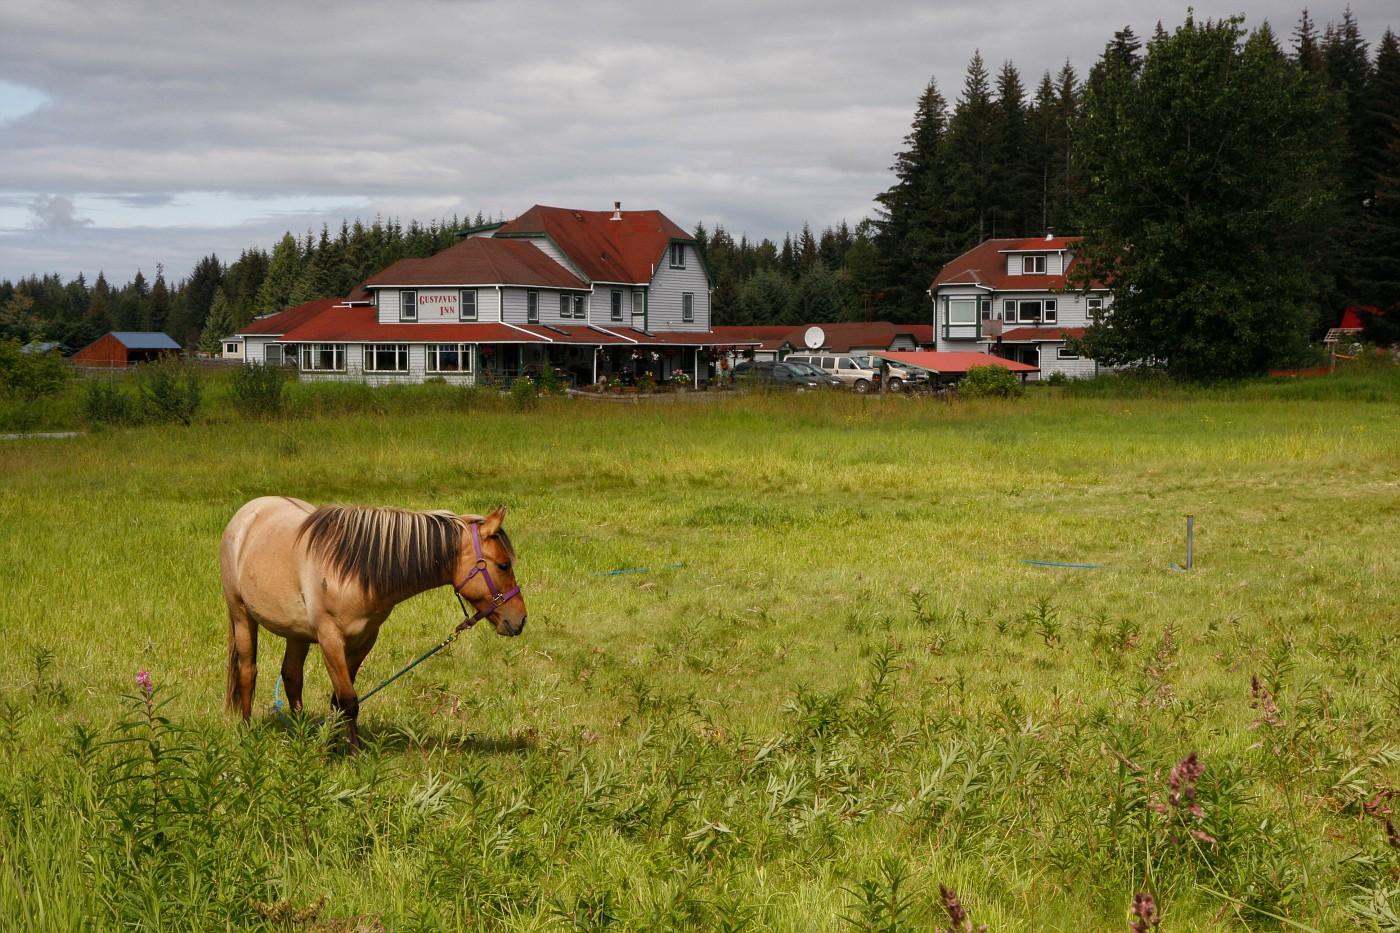 Gustavus Inn pasture